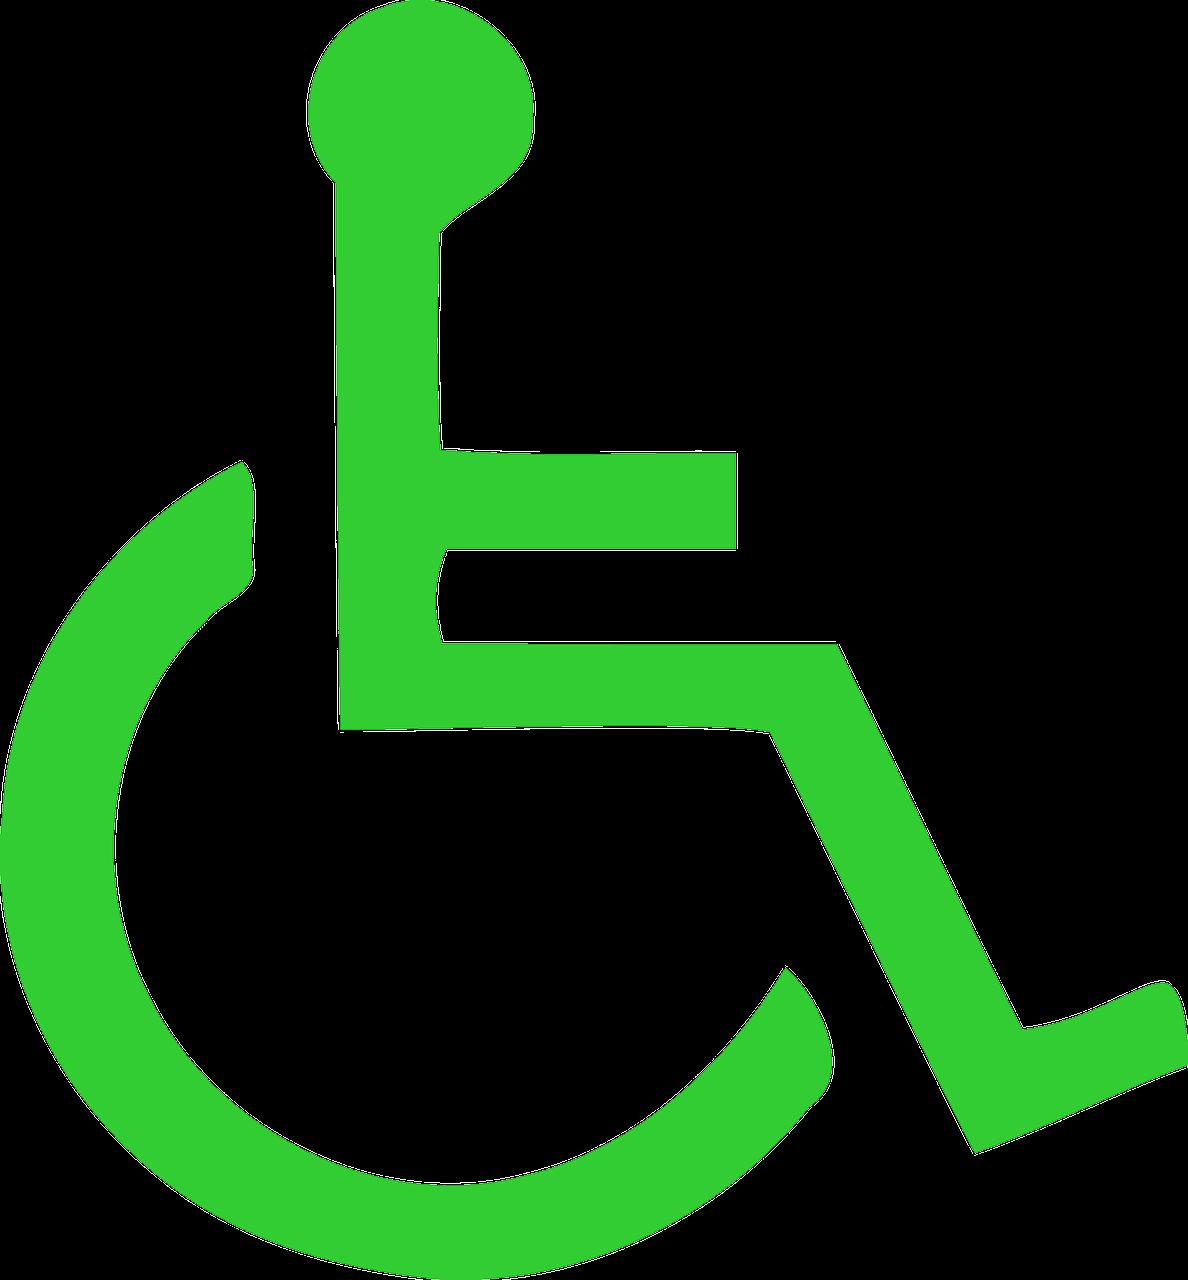 All care 4 u gehandicaptenzorg ervaringen